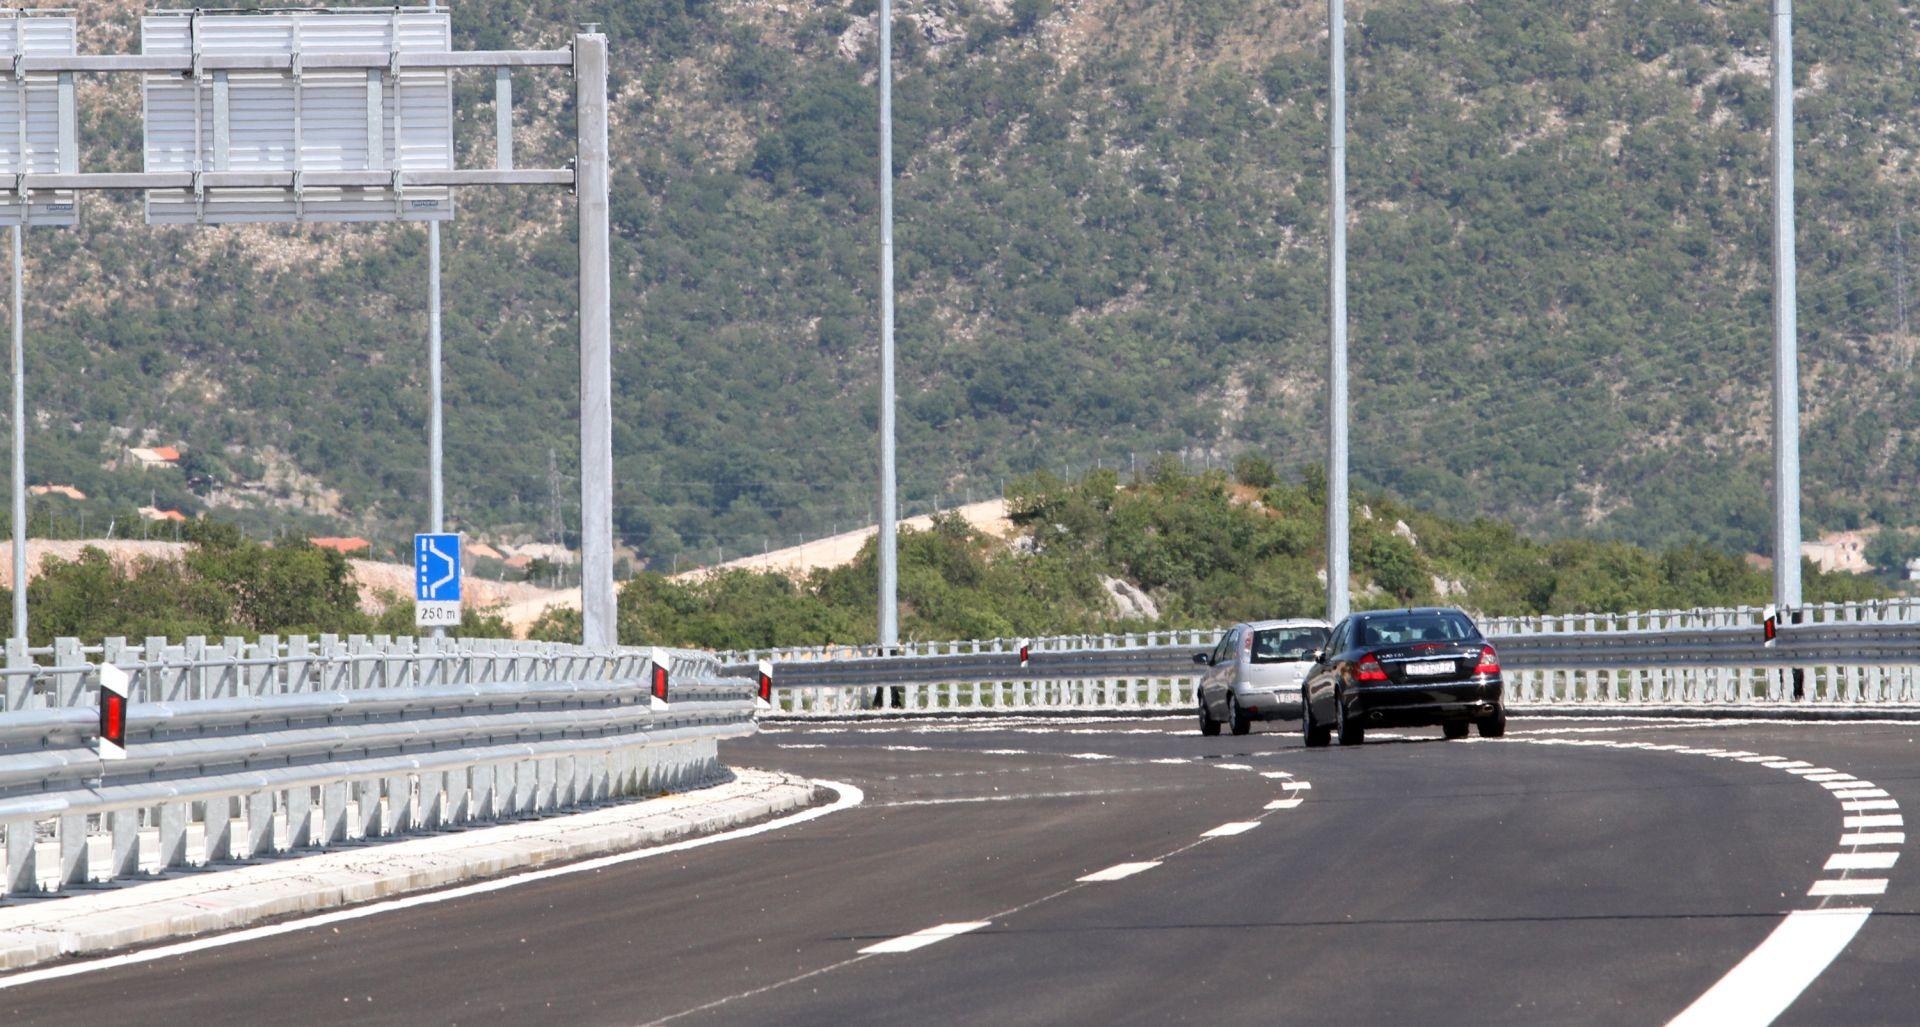 HAK Zbog radova zatvorena A7 između čvorova Križišće i Šmrika u oba smjera